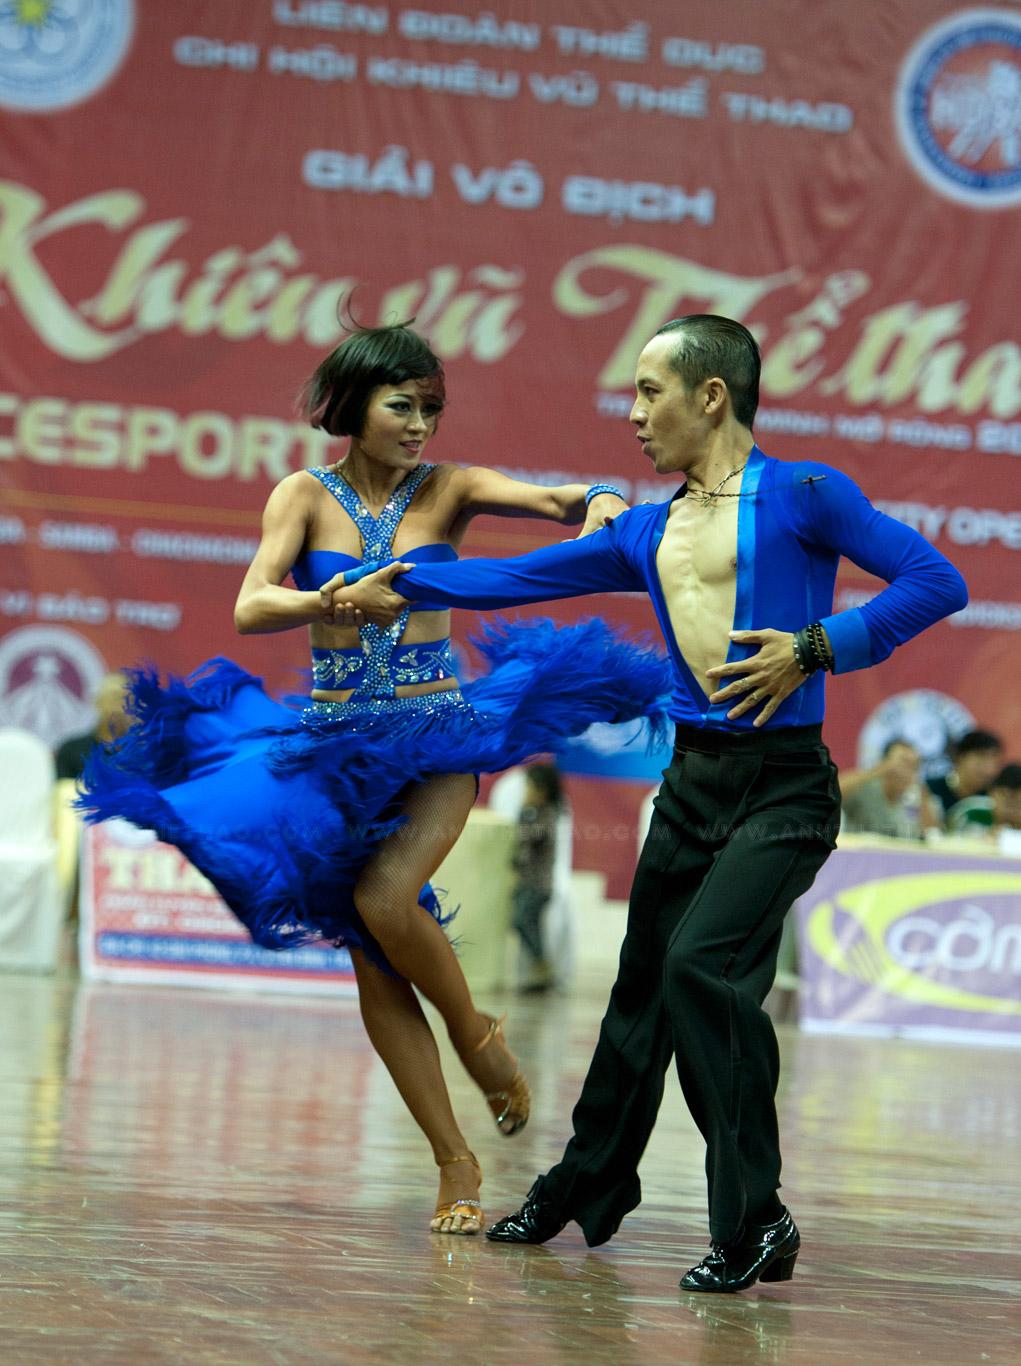 Cặp đôi với vũ điệu jive thật lôi cuốn